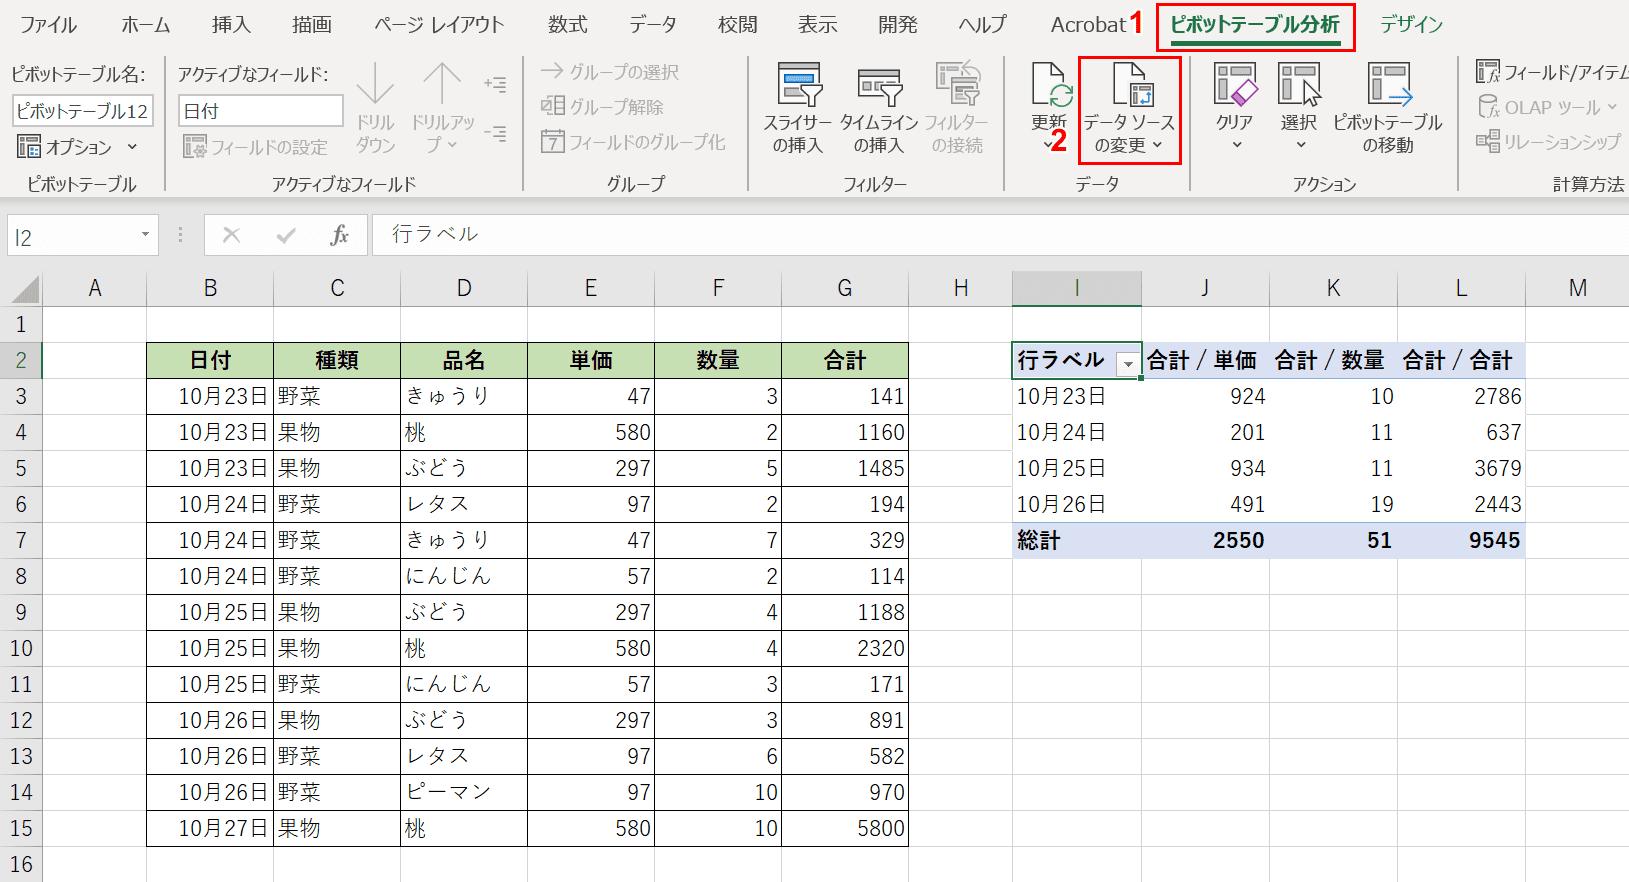 データソースの変更